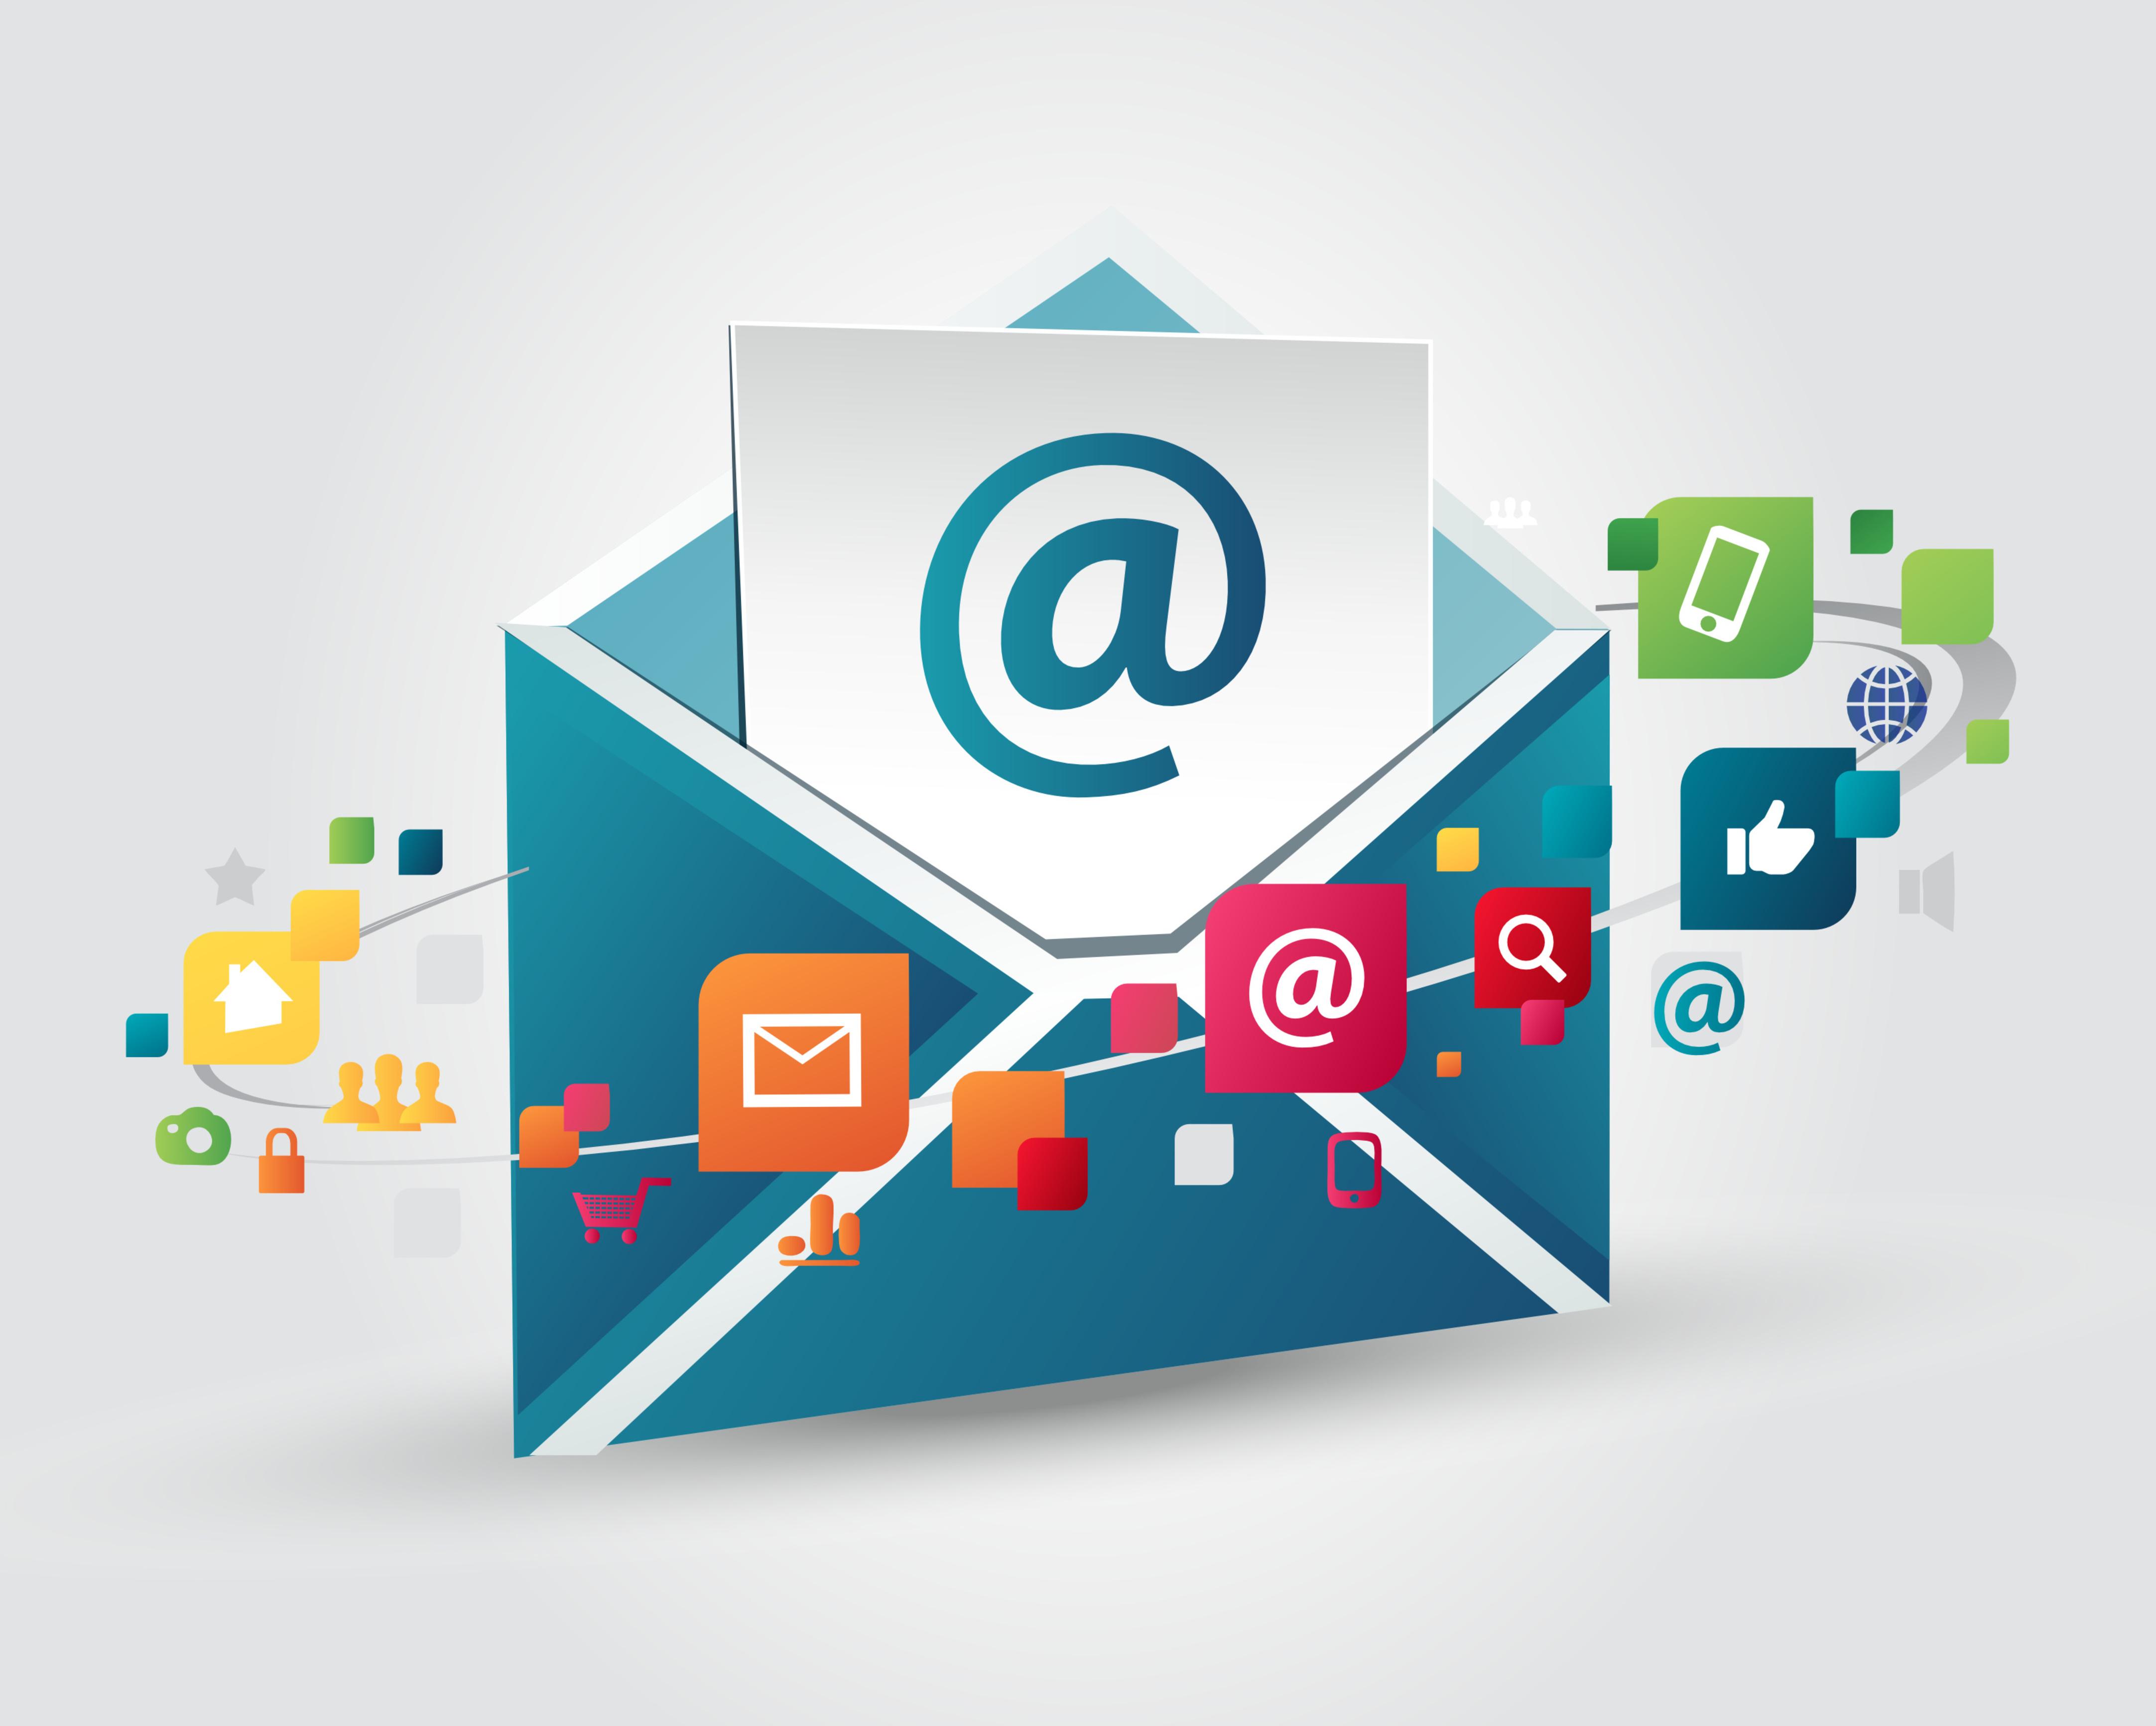 Thay đổi chiến lược cho email marketing